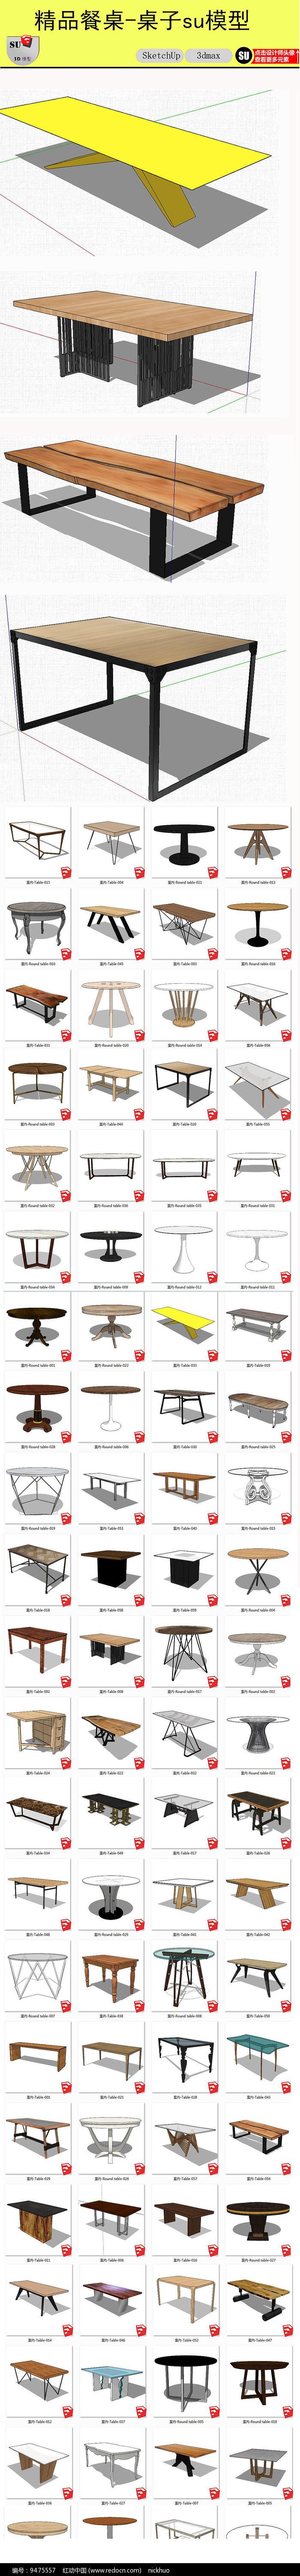 桌子椅子模型图片